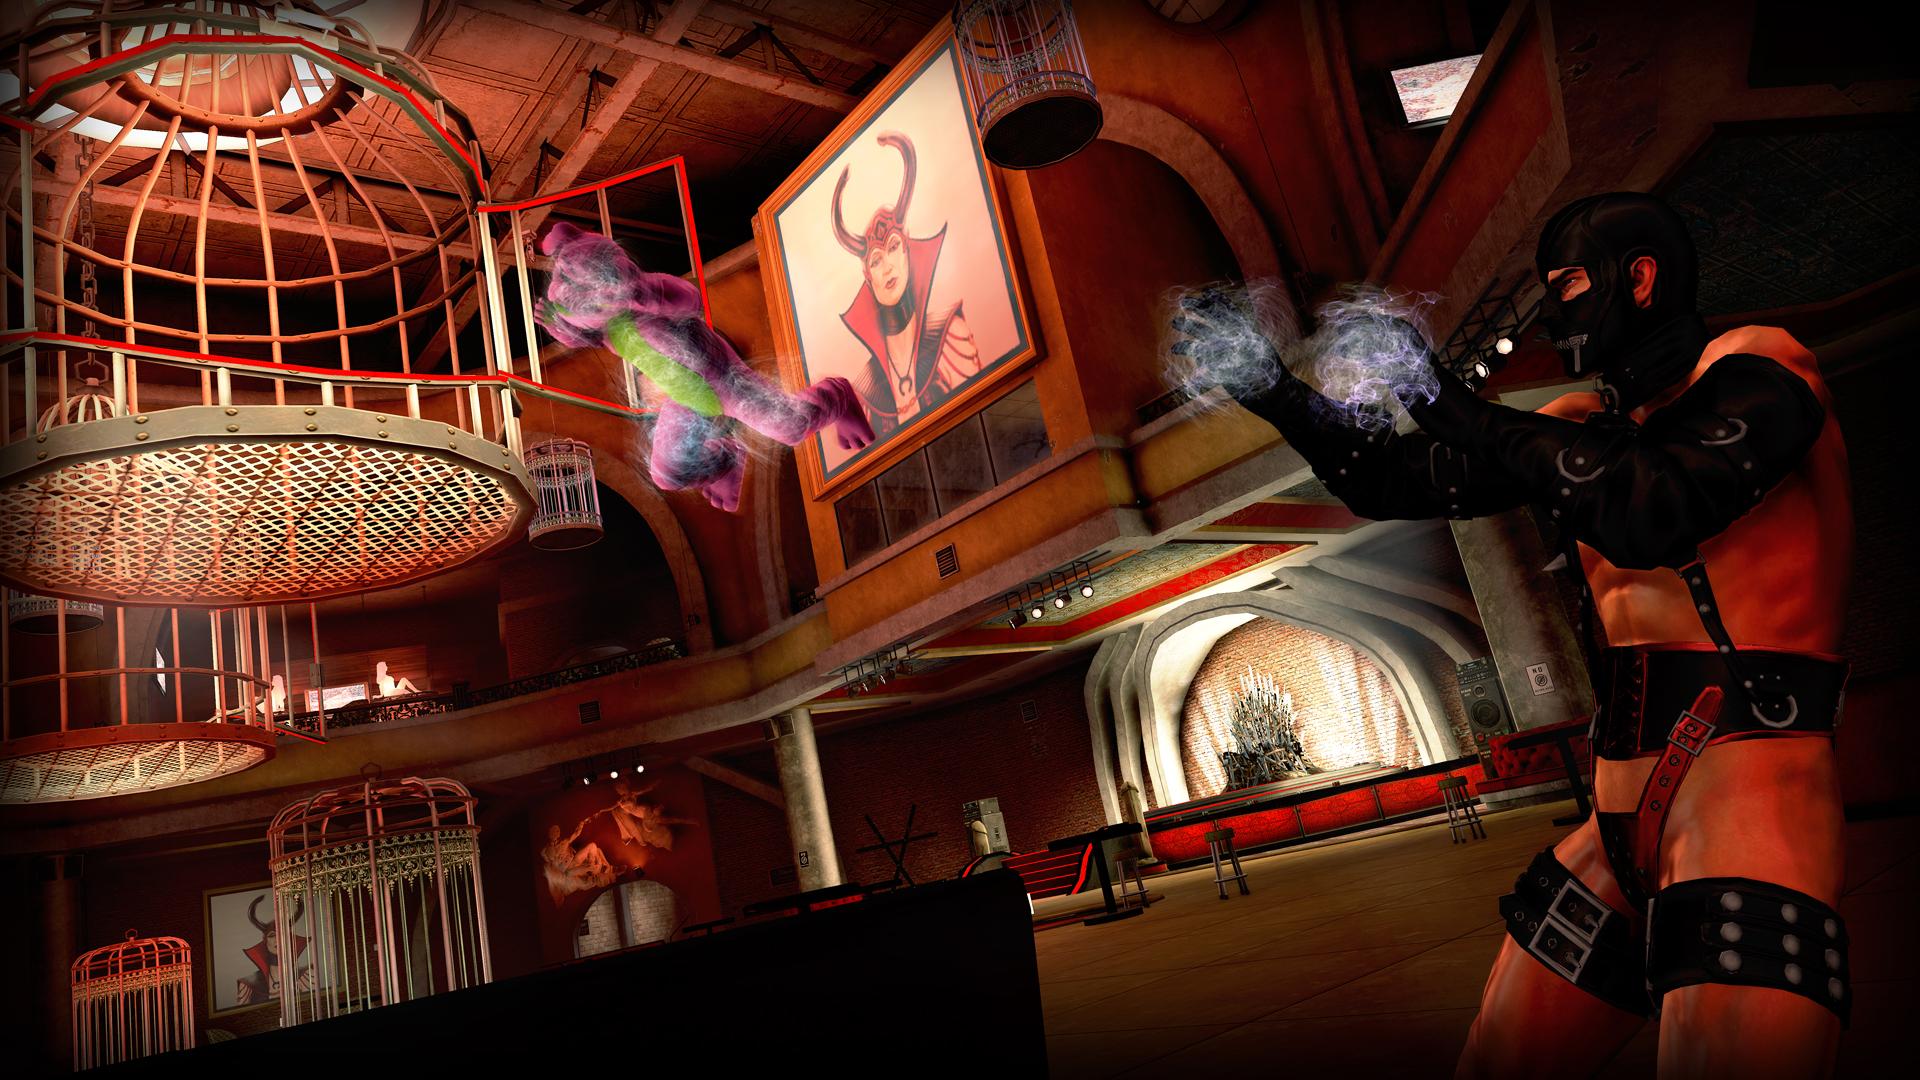 Obrázky z Enter the Dominatrix DLC k Saints Row 4 88776